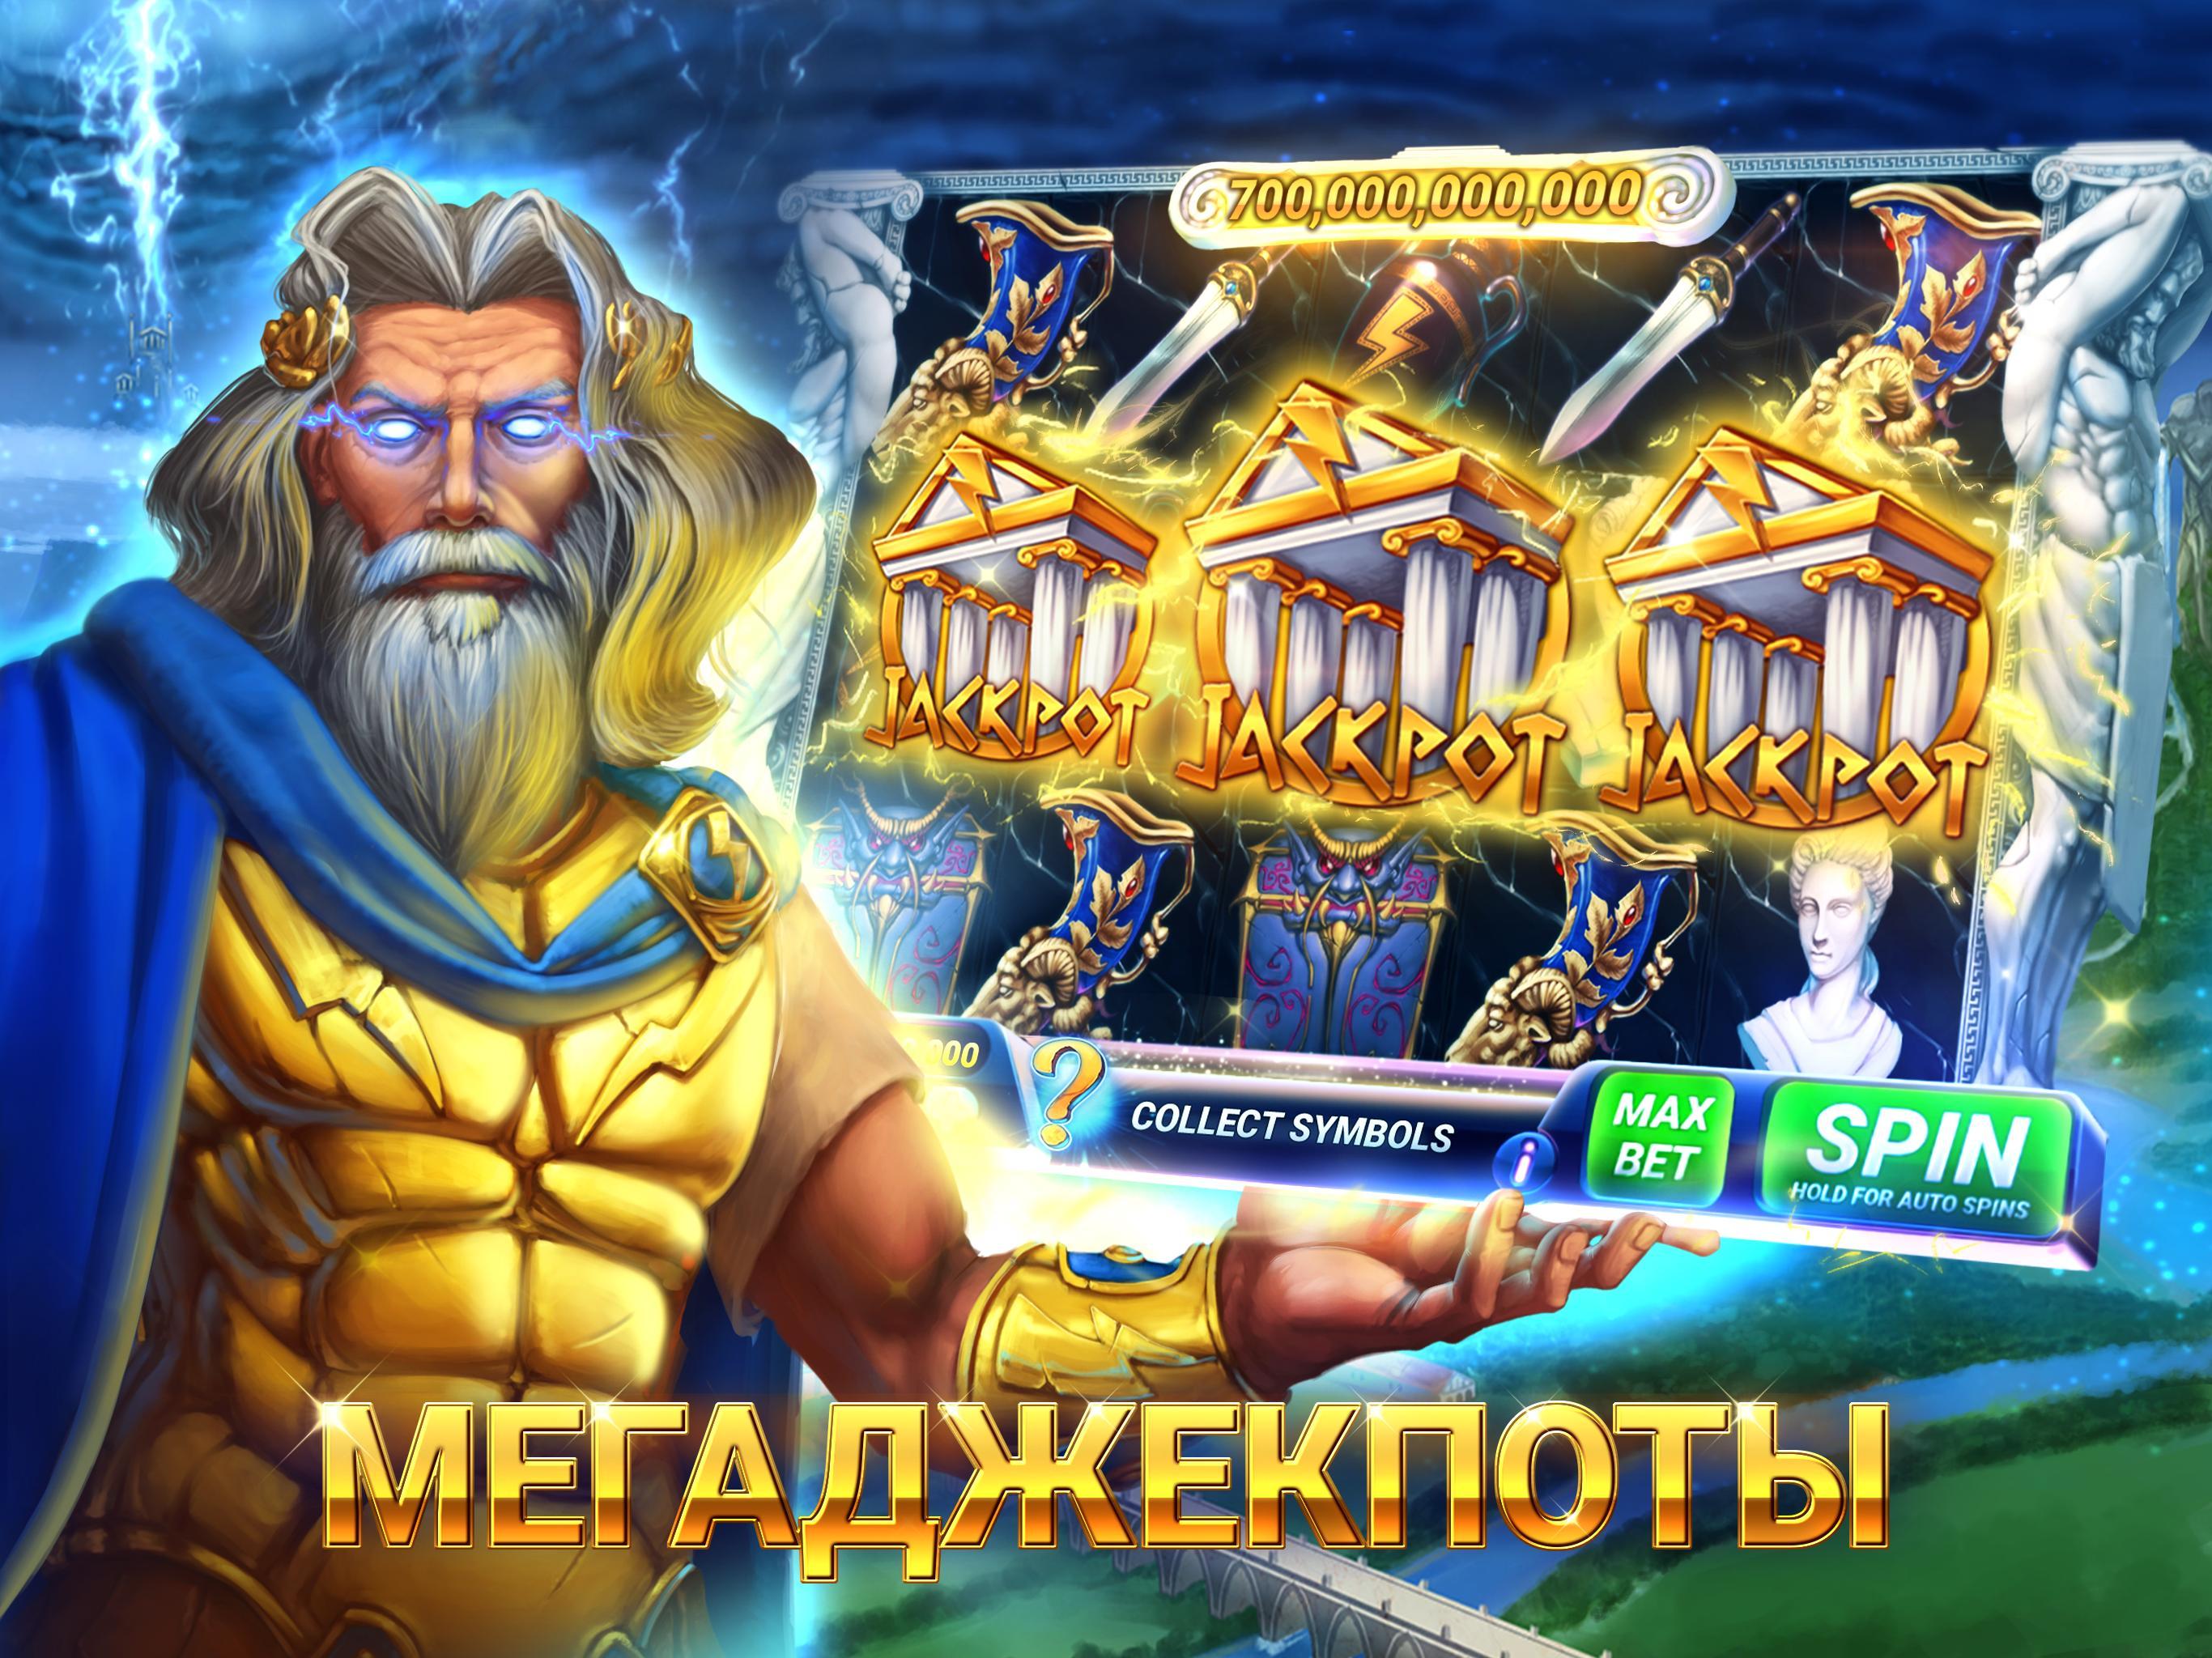 Скачать бесплатно слот автоматы и играть казино azart zona казино вход